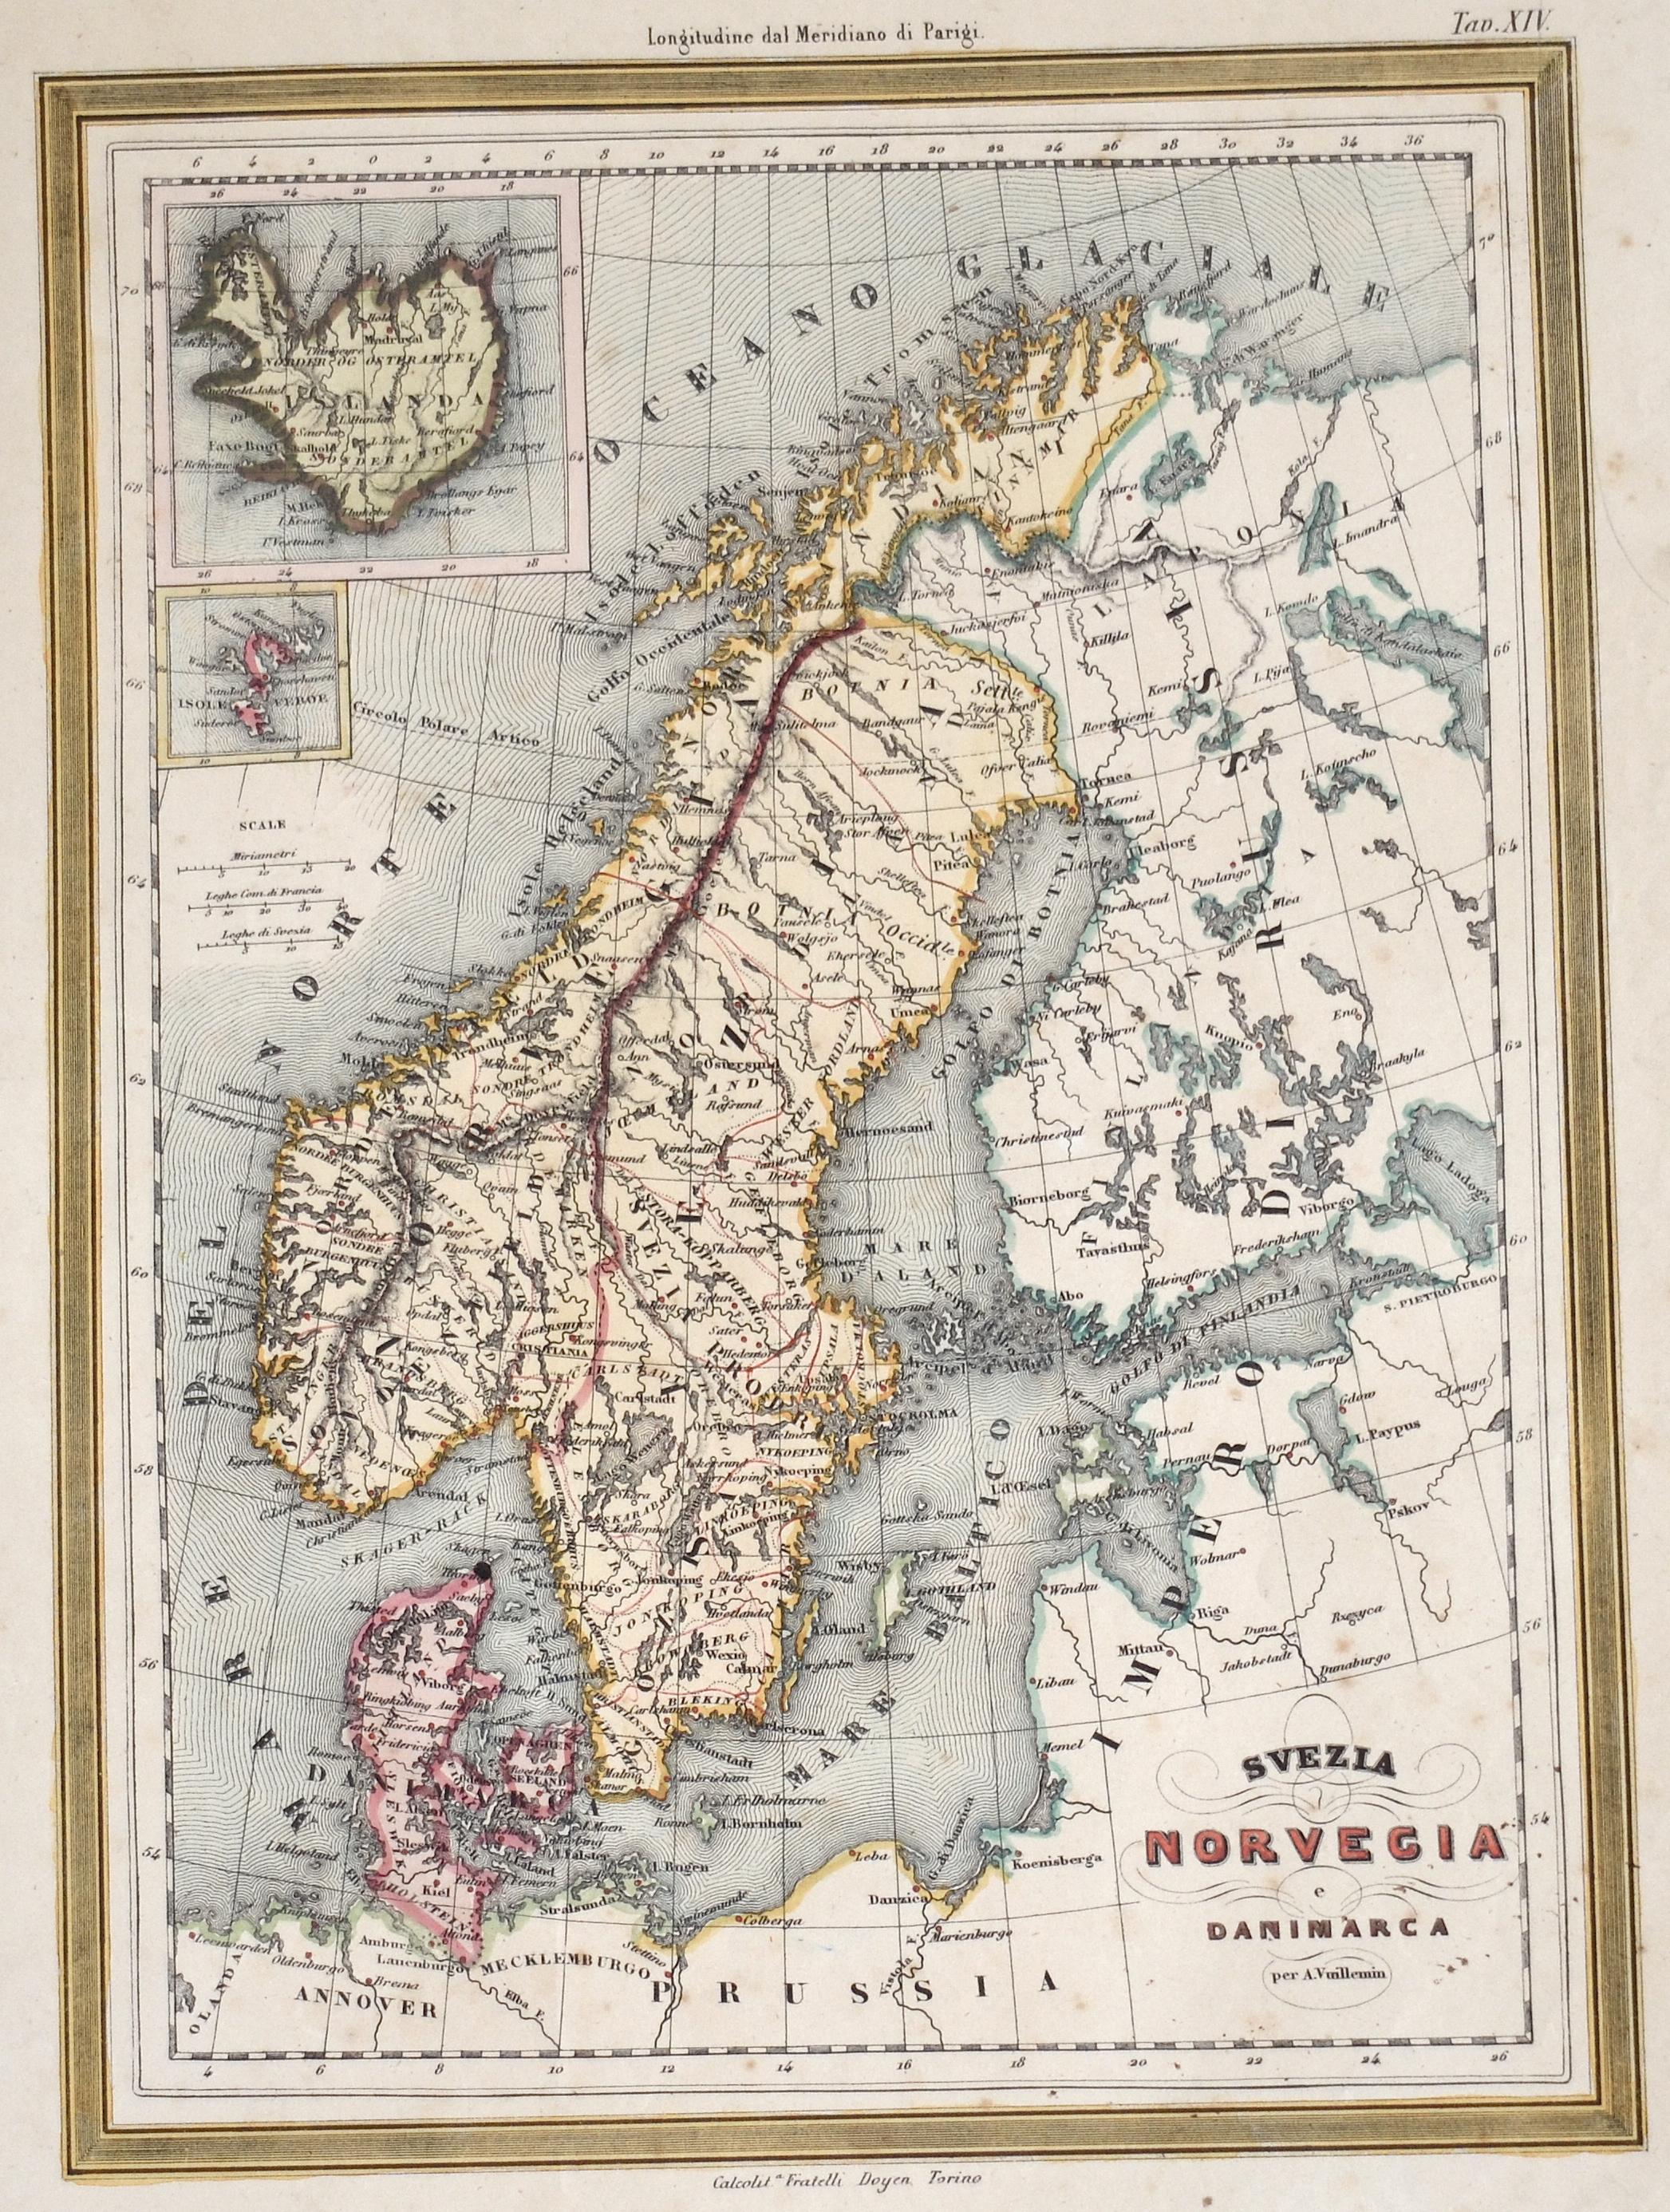 Vuillemin  Svezia Norvegia e Danimarca